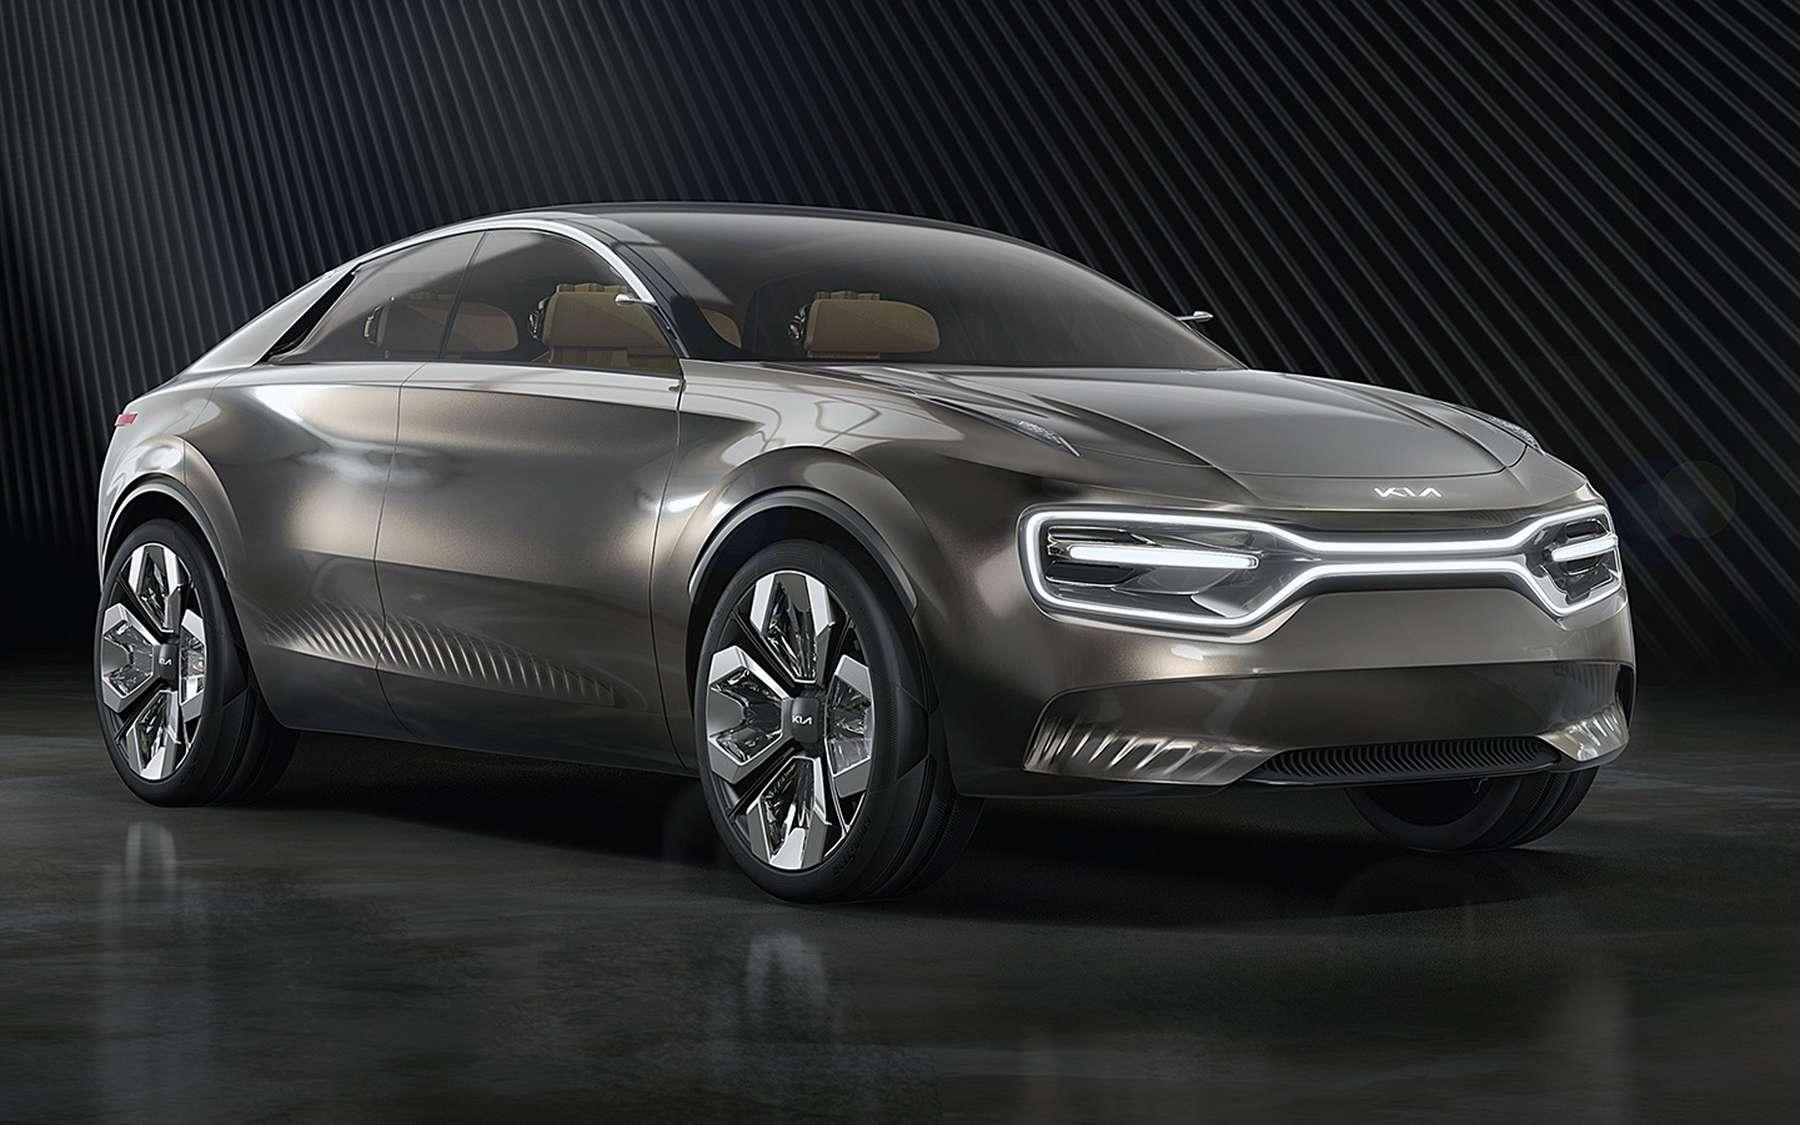 Le concept-car Imagine dévoilé au salon auto de Genève en 2019 servira de base au futur crossover électrique de Kia. © Kia